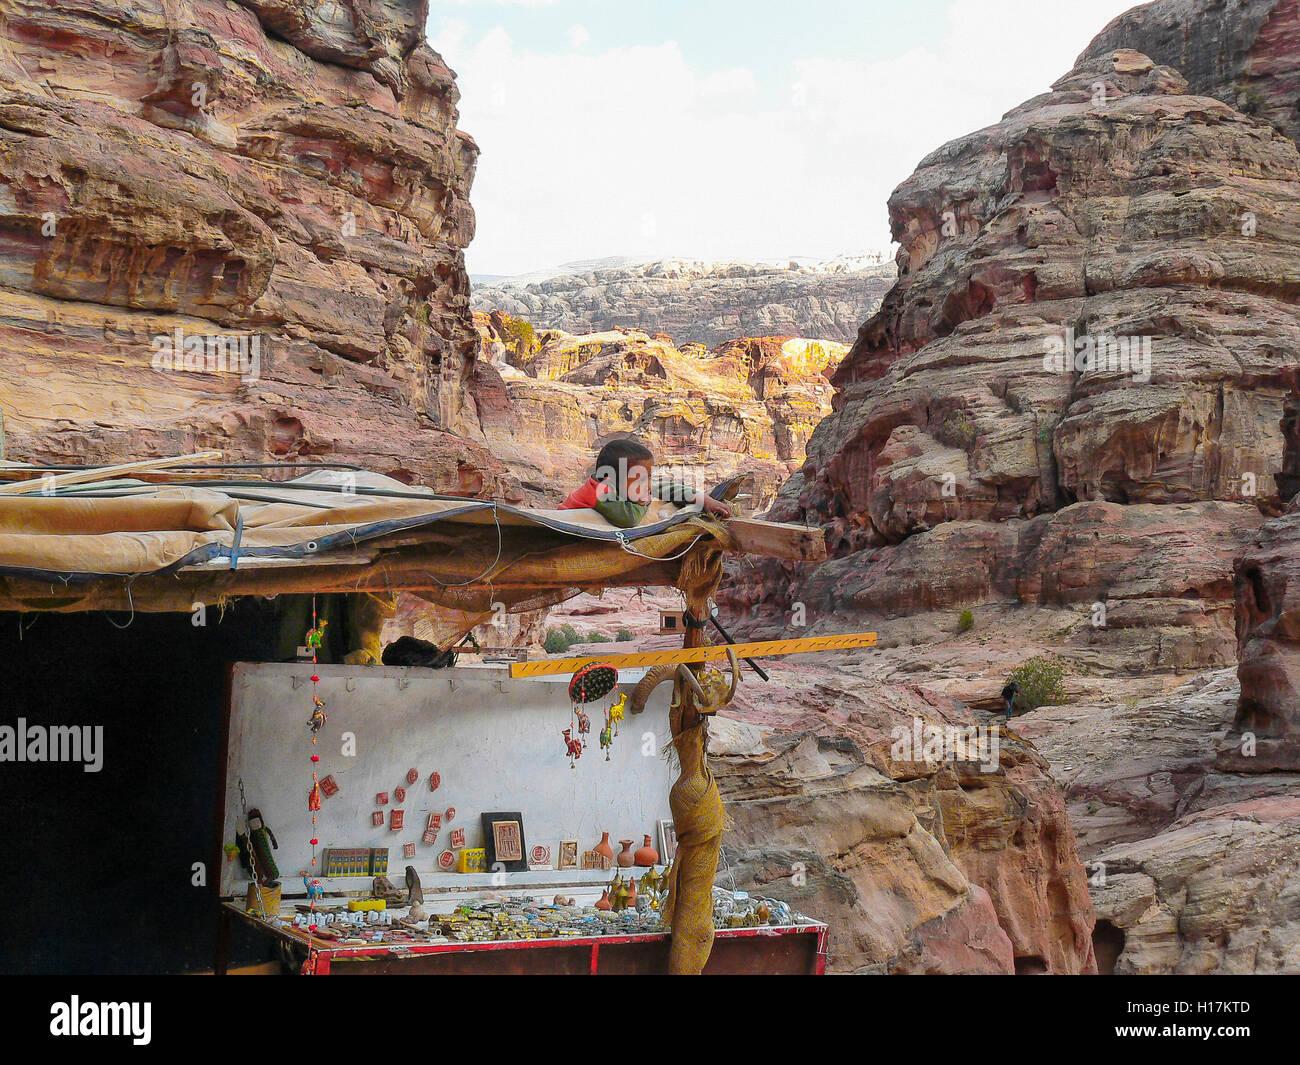 Souvenir stall at Petra, Jordan - Stock Image